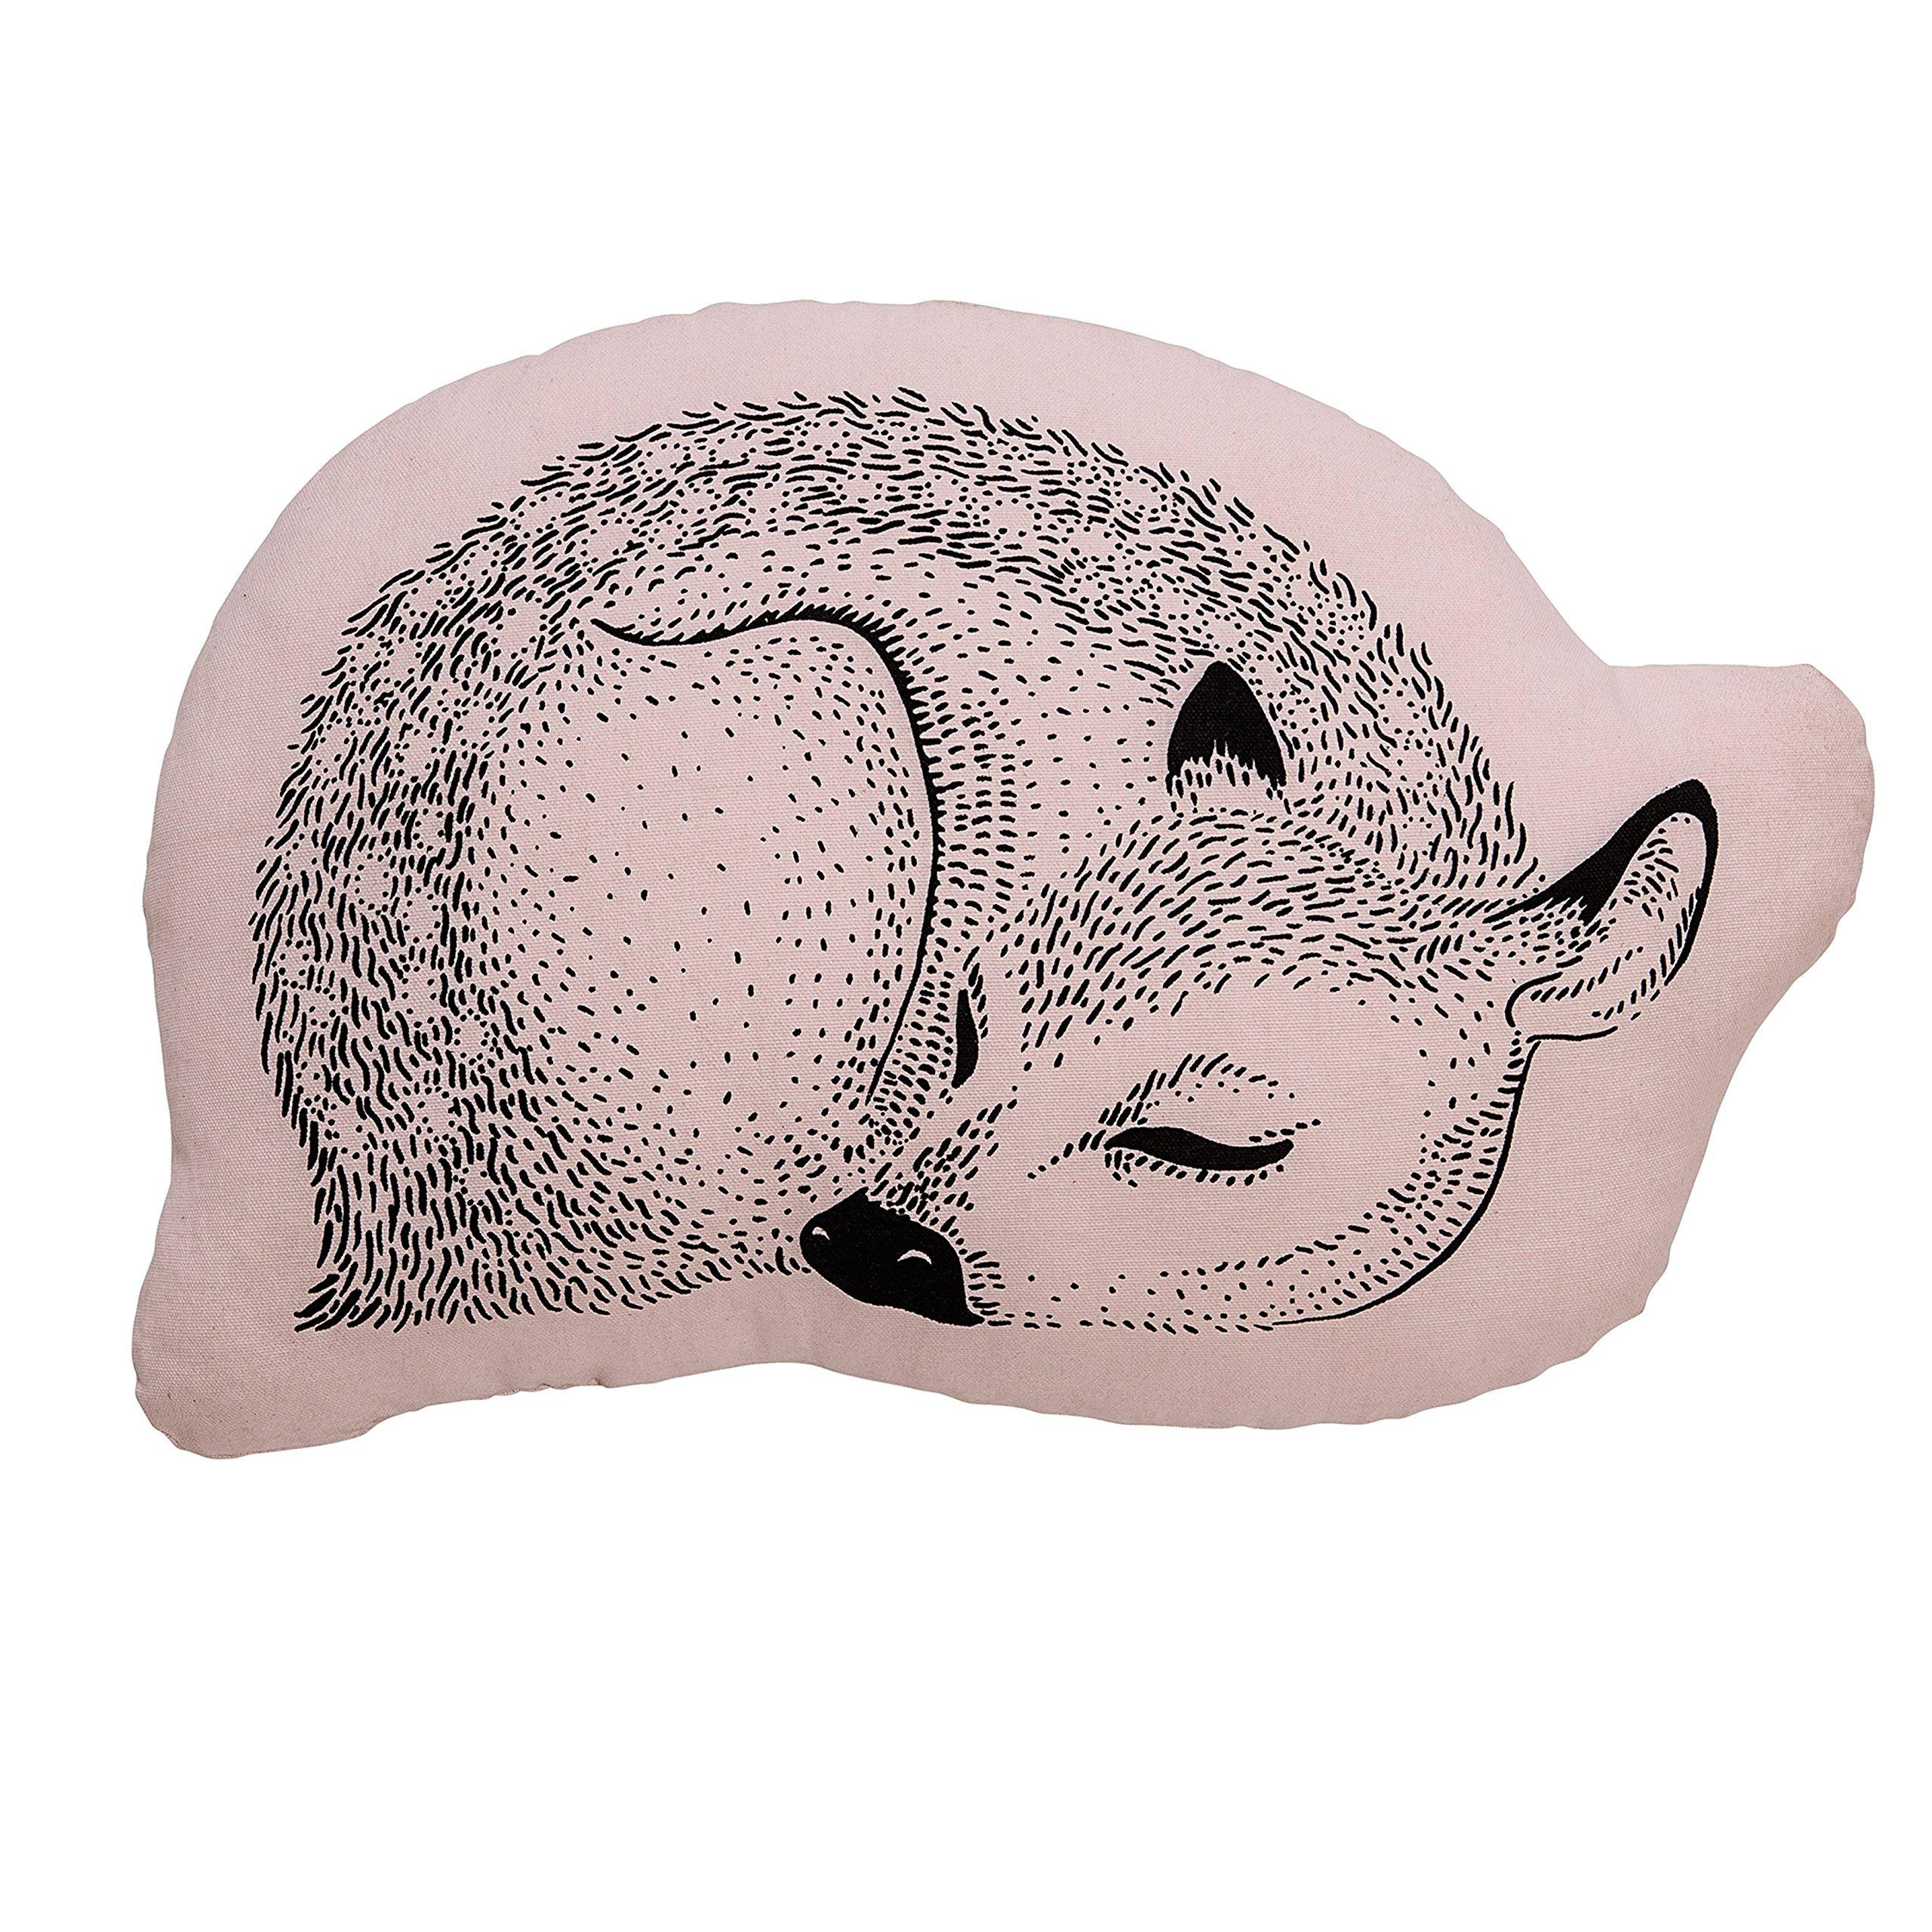 Bloomingville Sleeping Deer Pillow, Powder